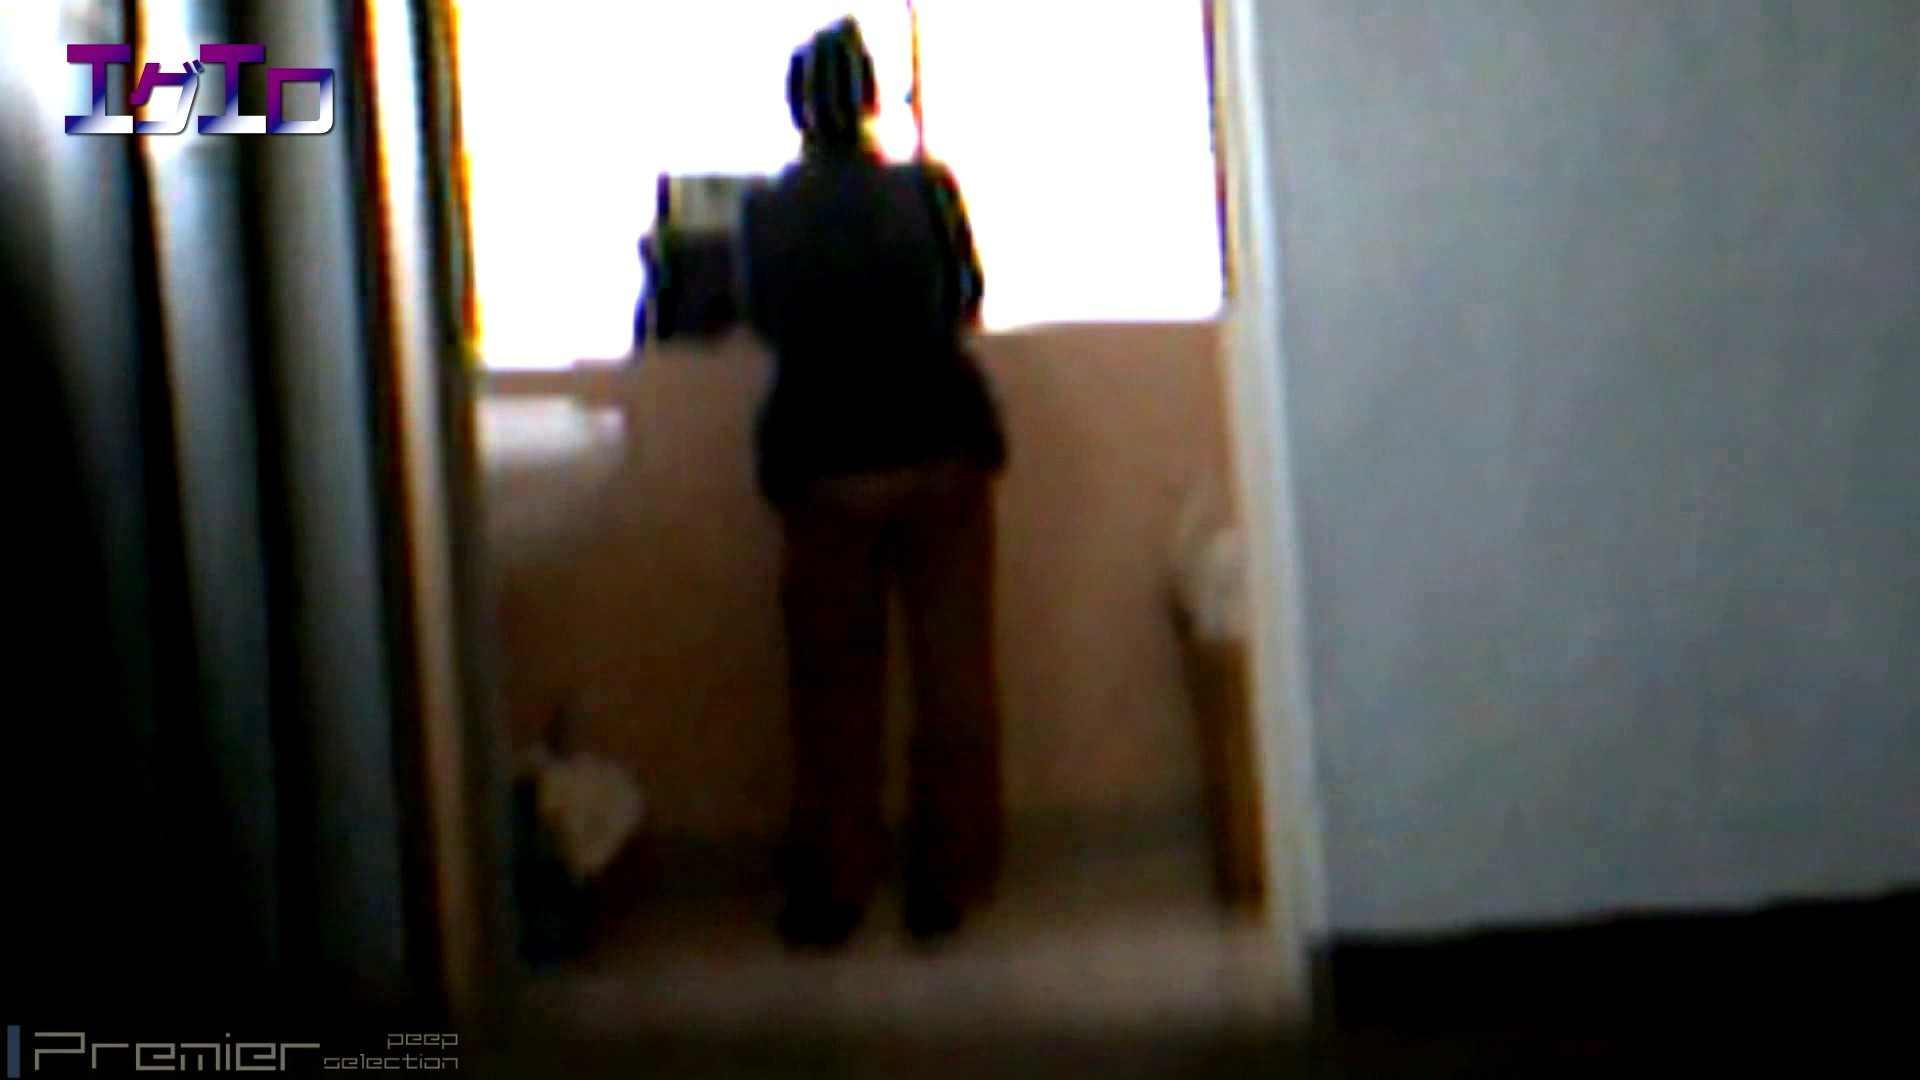 至近距離洗面所 Vol.09夏ギャルキタ~和式トイレ放nyoショー 洗面所 すけべAV動画紹介 80画像 54